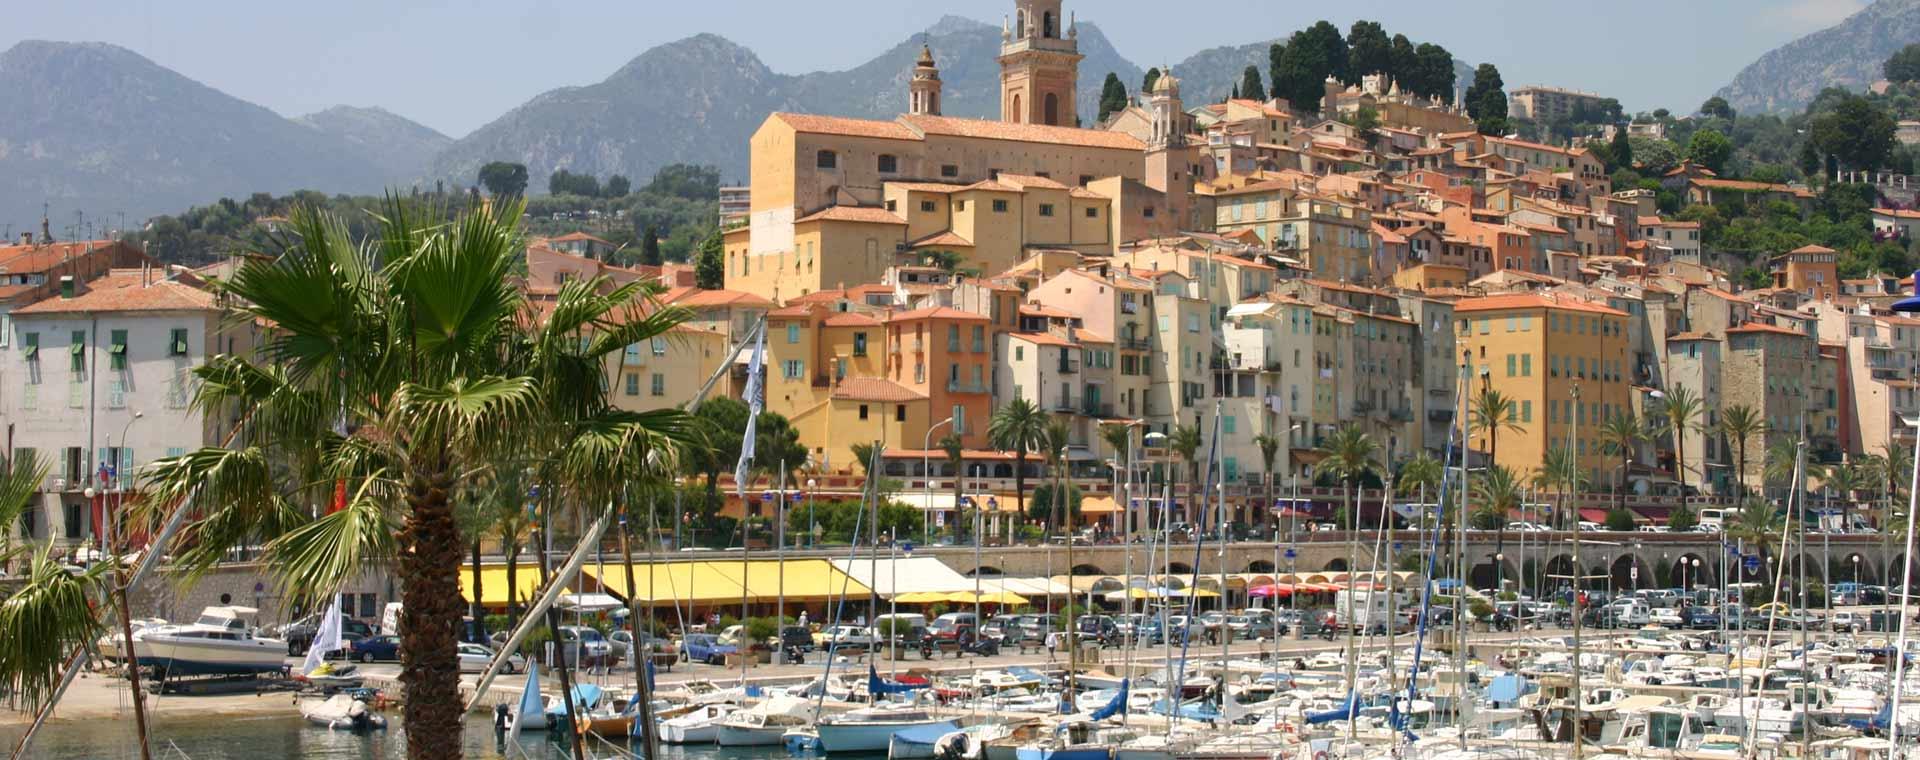 Voyage à pied : La Ligurie de Menton à San Remo